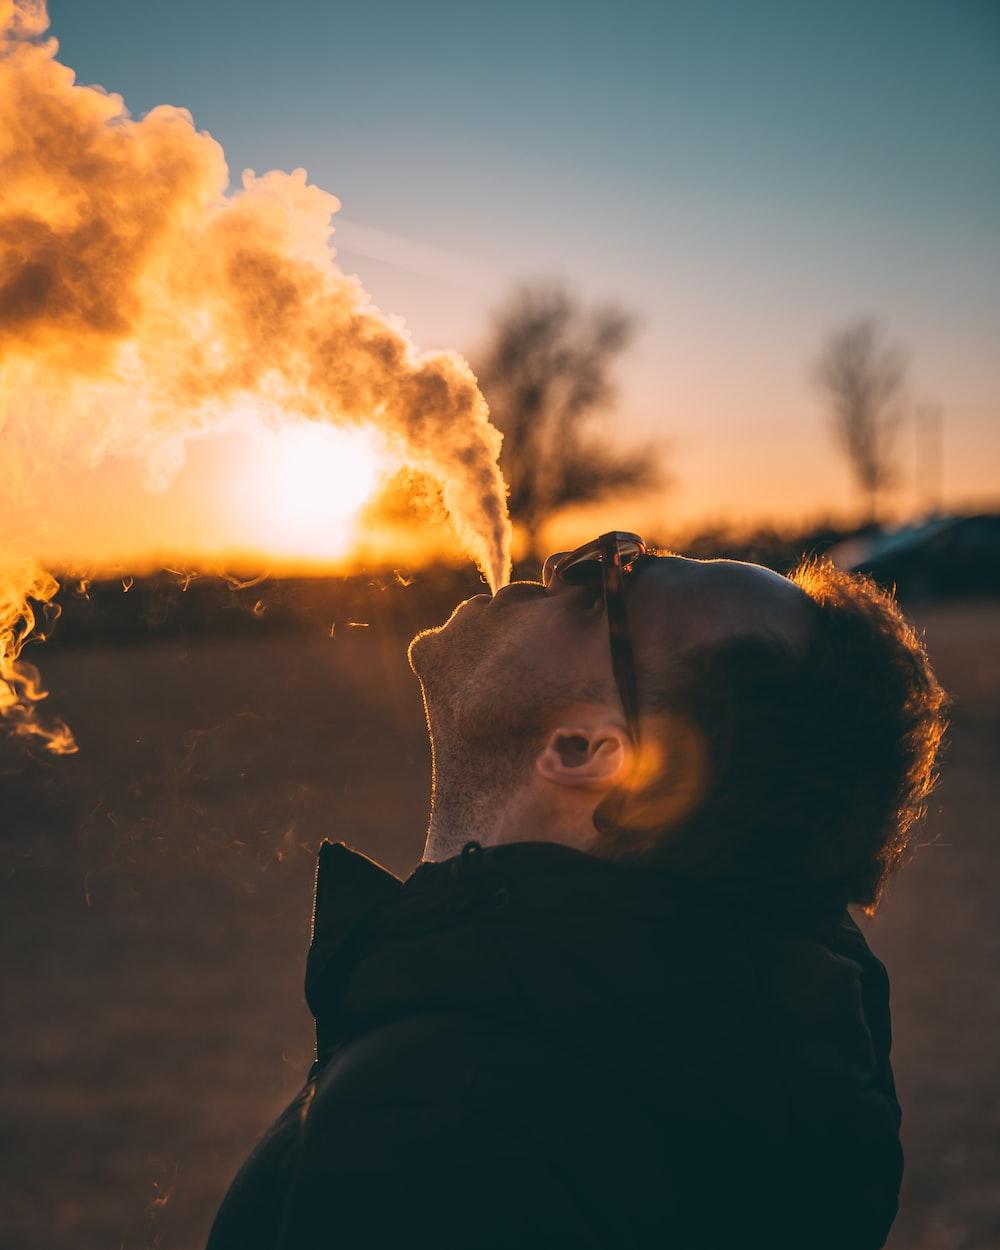 man spewing out smoke at sunset